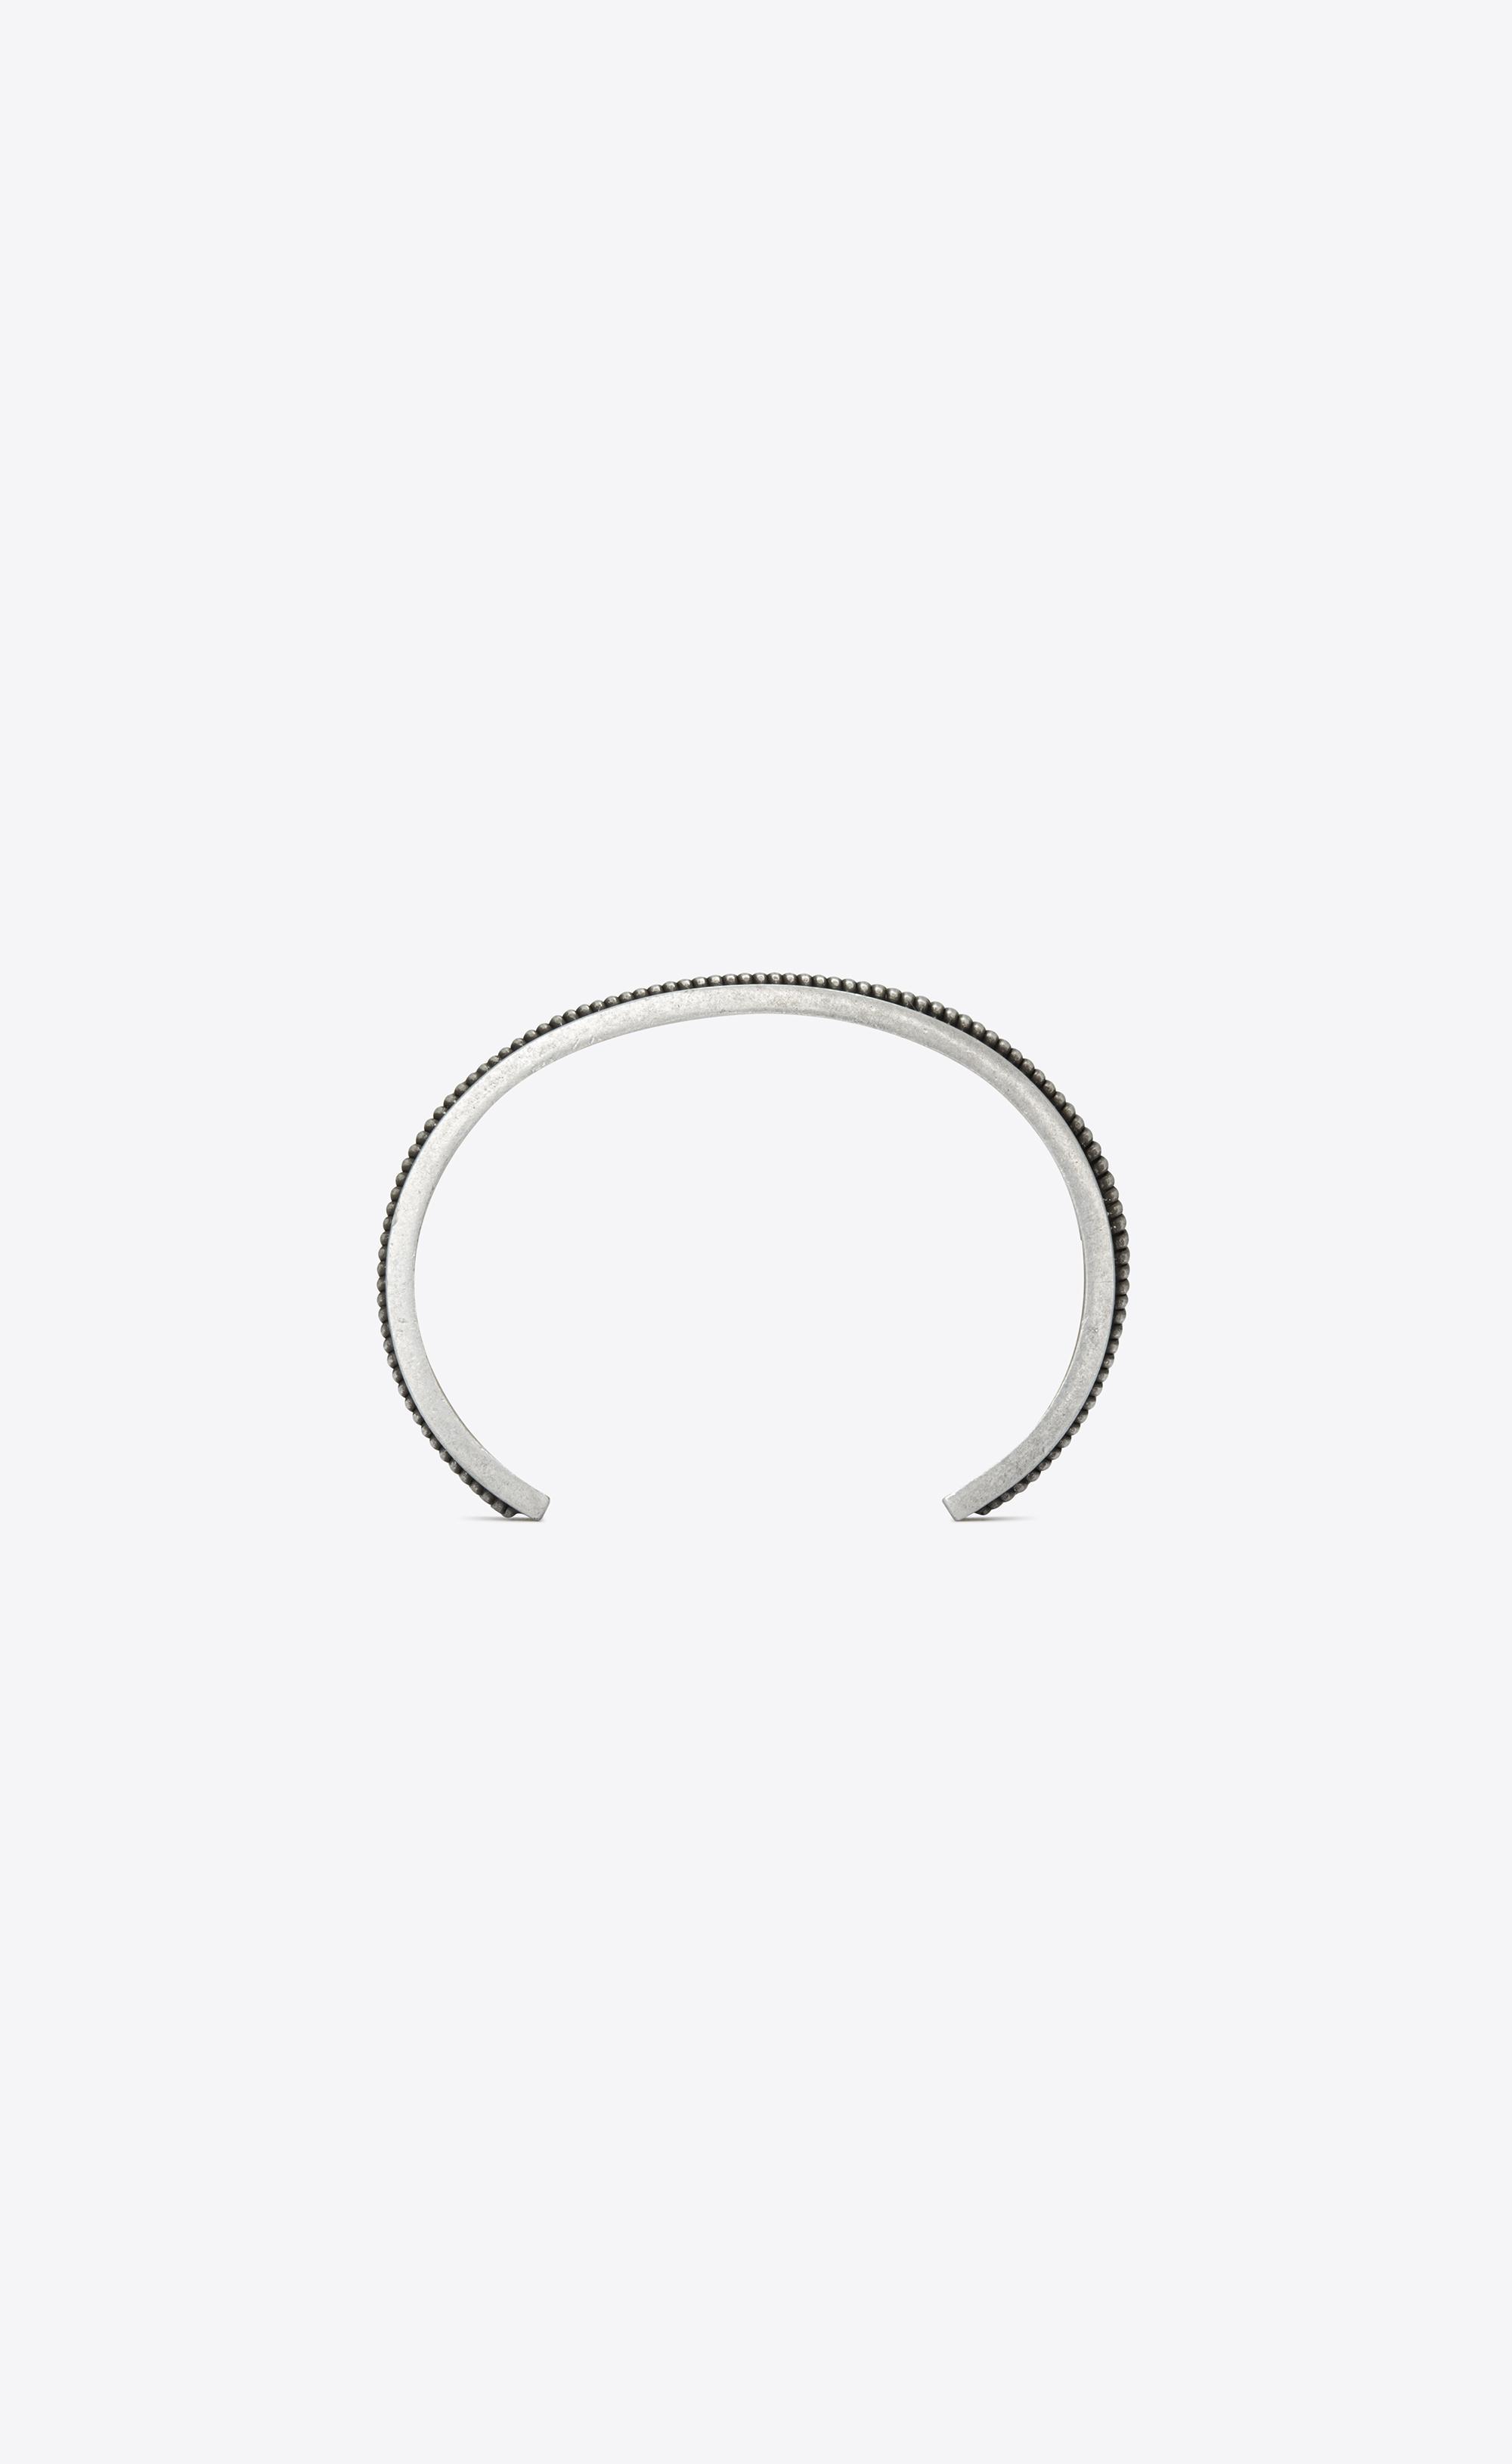 c475778368 Saint Laurent Folk Cuff Bracelet In Brass With Two Twists in ...